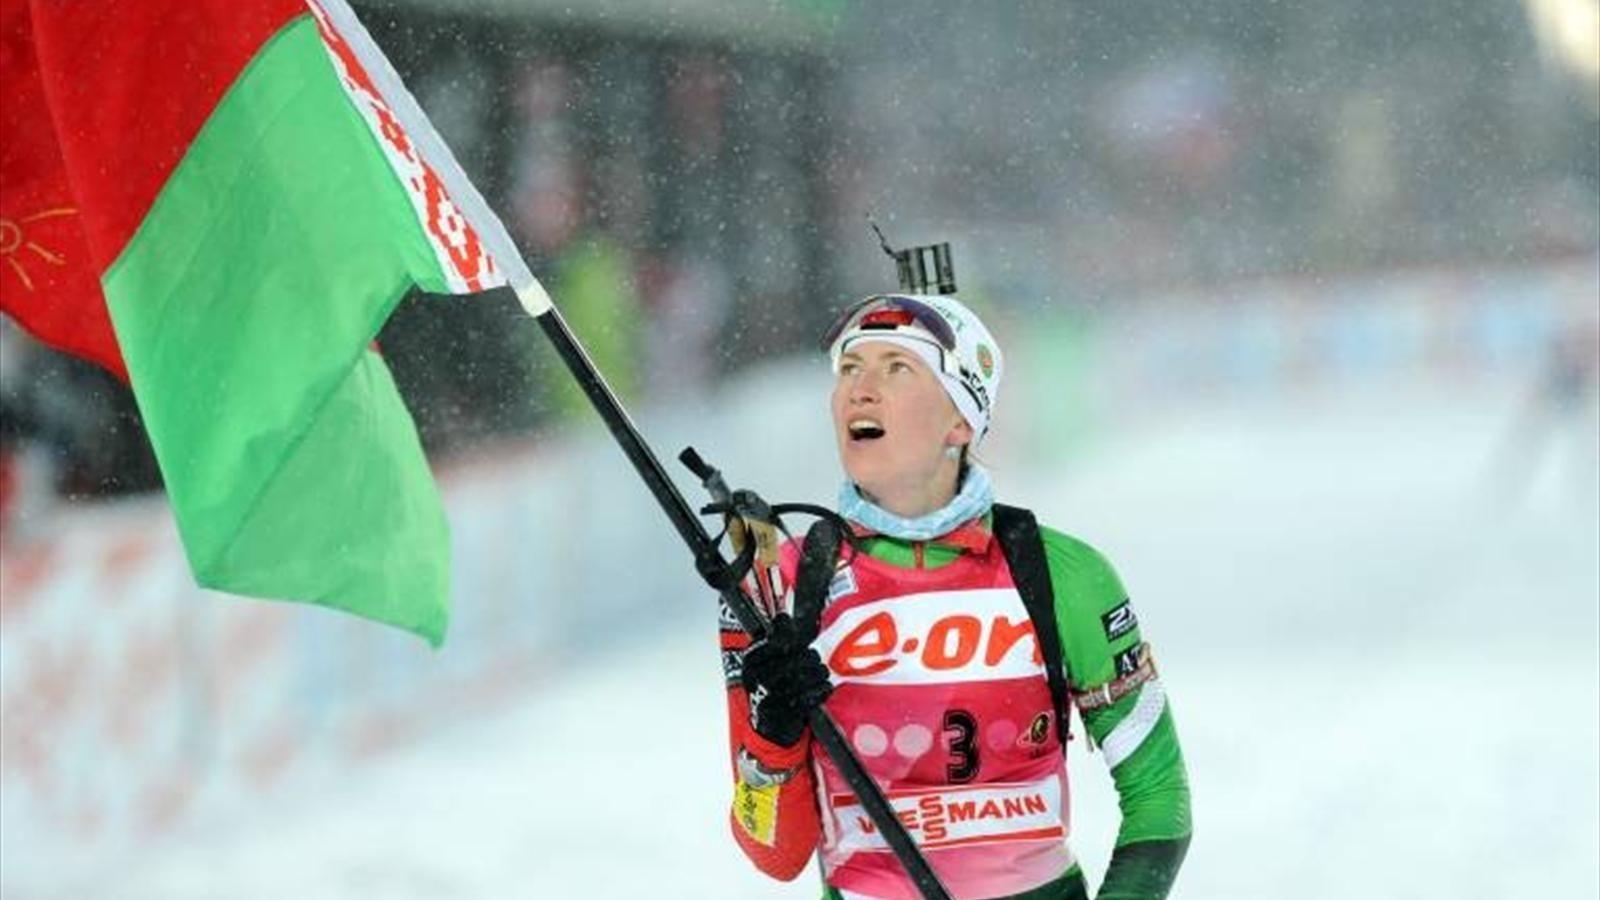 Международный олимпийский комитет запустил процедуру санкций против Беларуси